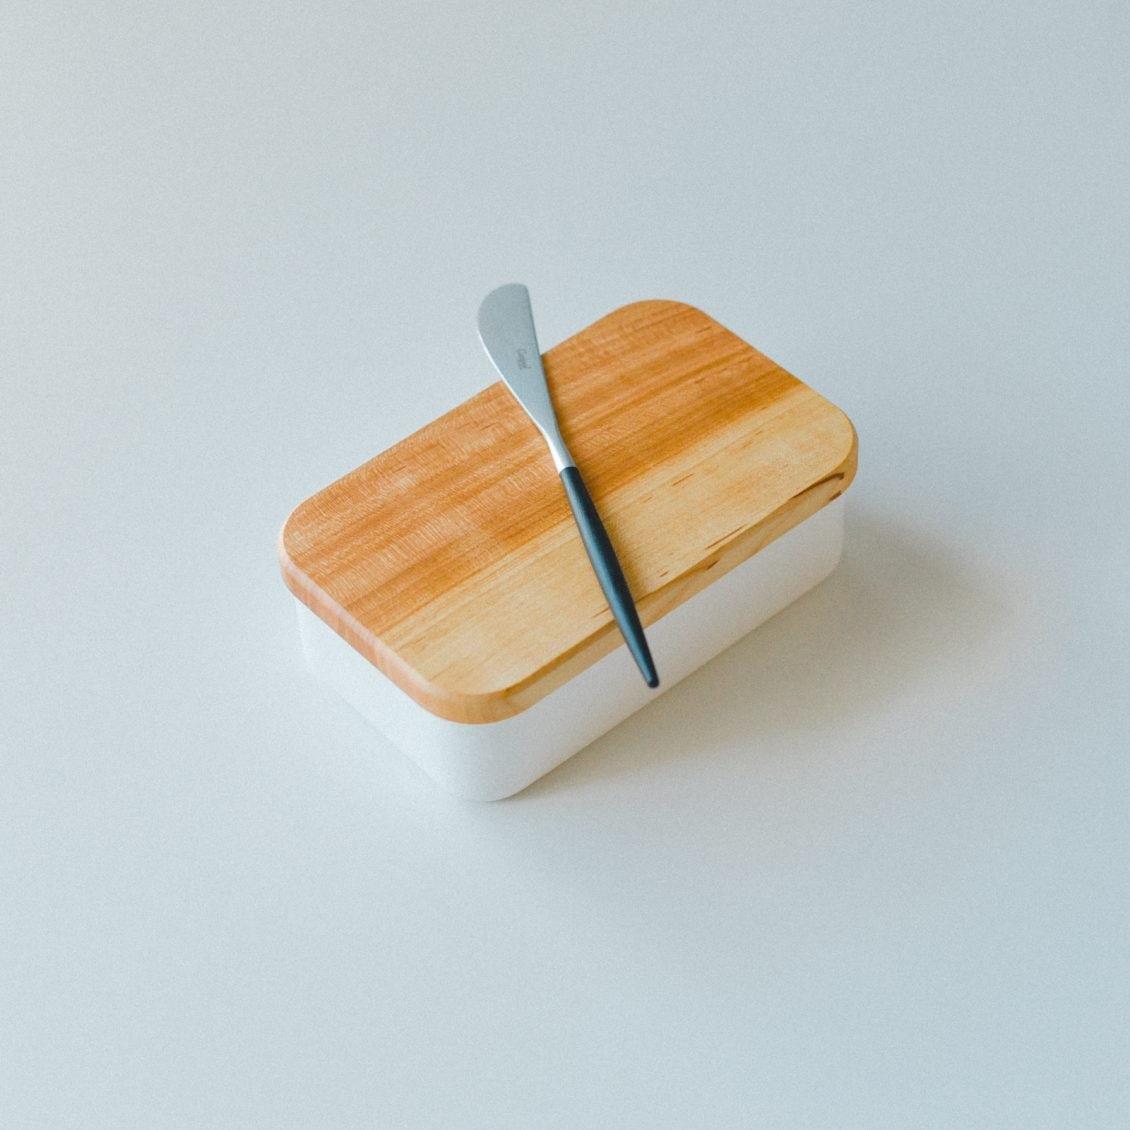 【スタッフの愛用品】バターをまるでチーズのように。トーストの楽しみ方を変えたバターナイフ&ケース。